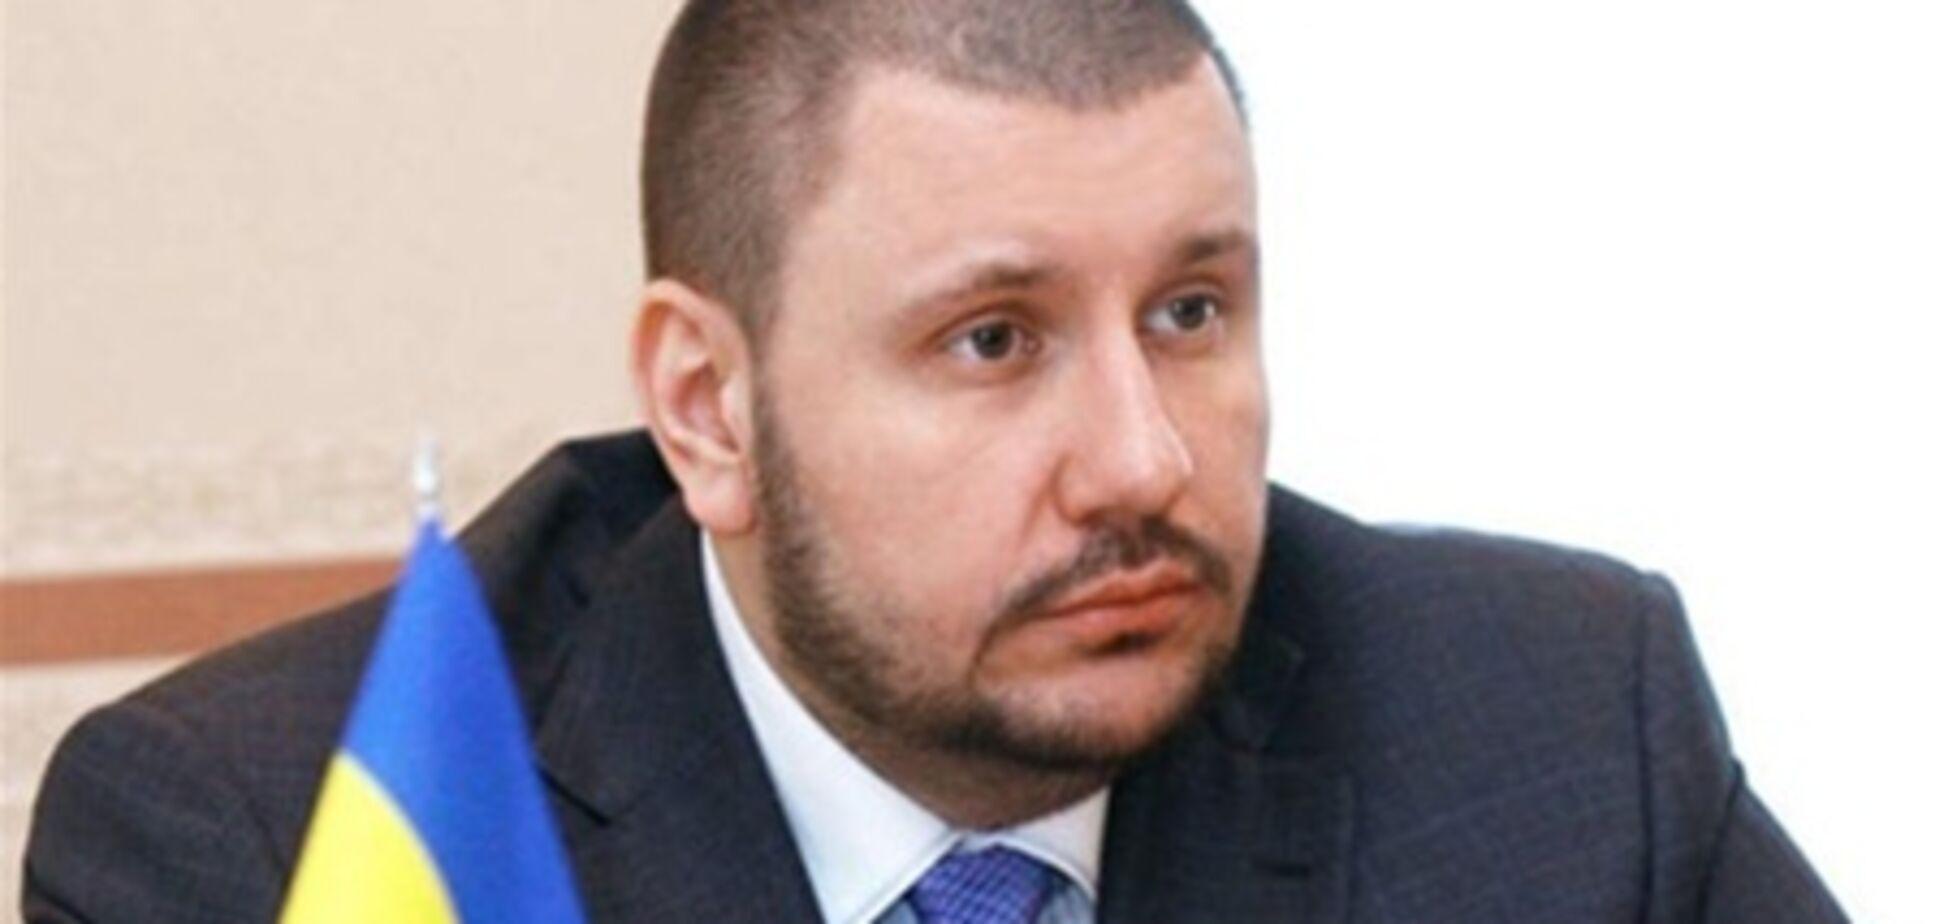 Налоговая: политики в аресте акций мужа Тимошенко нет